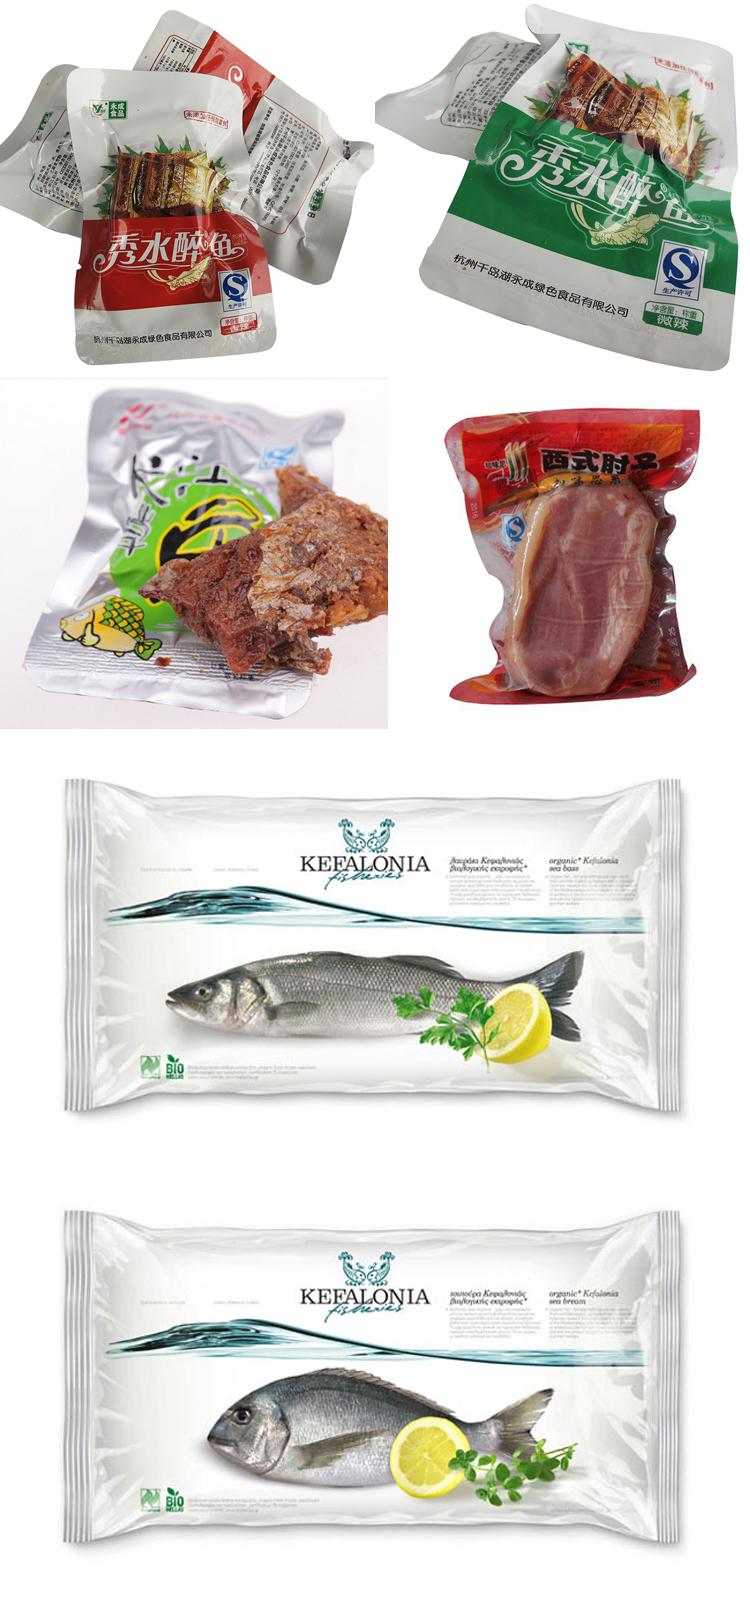 肉制品、鱼类产品